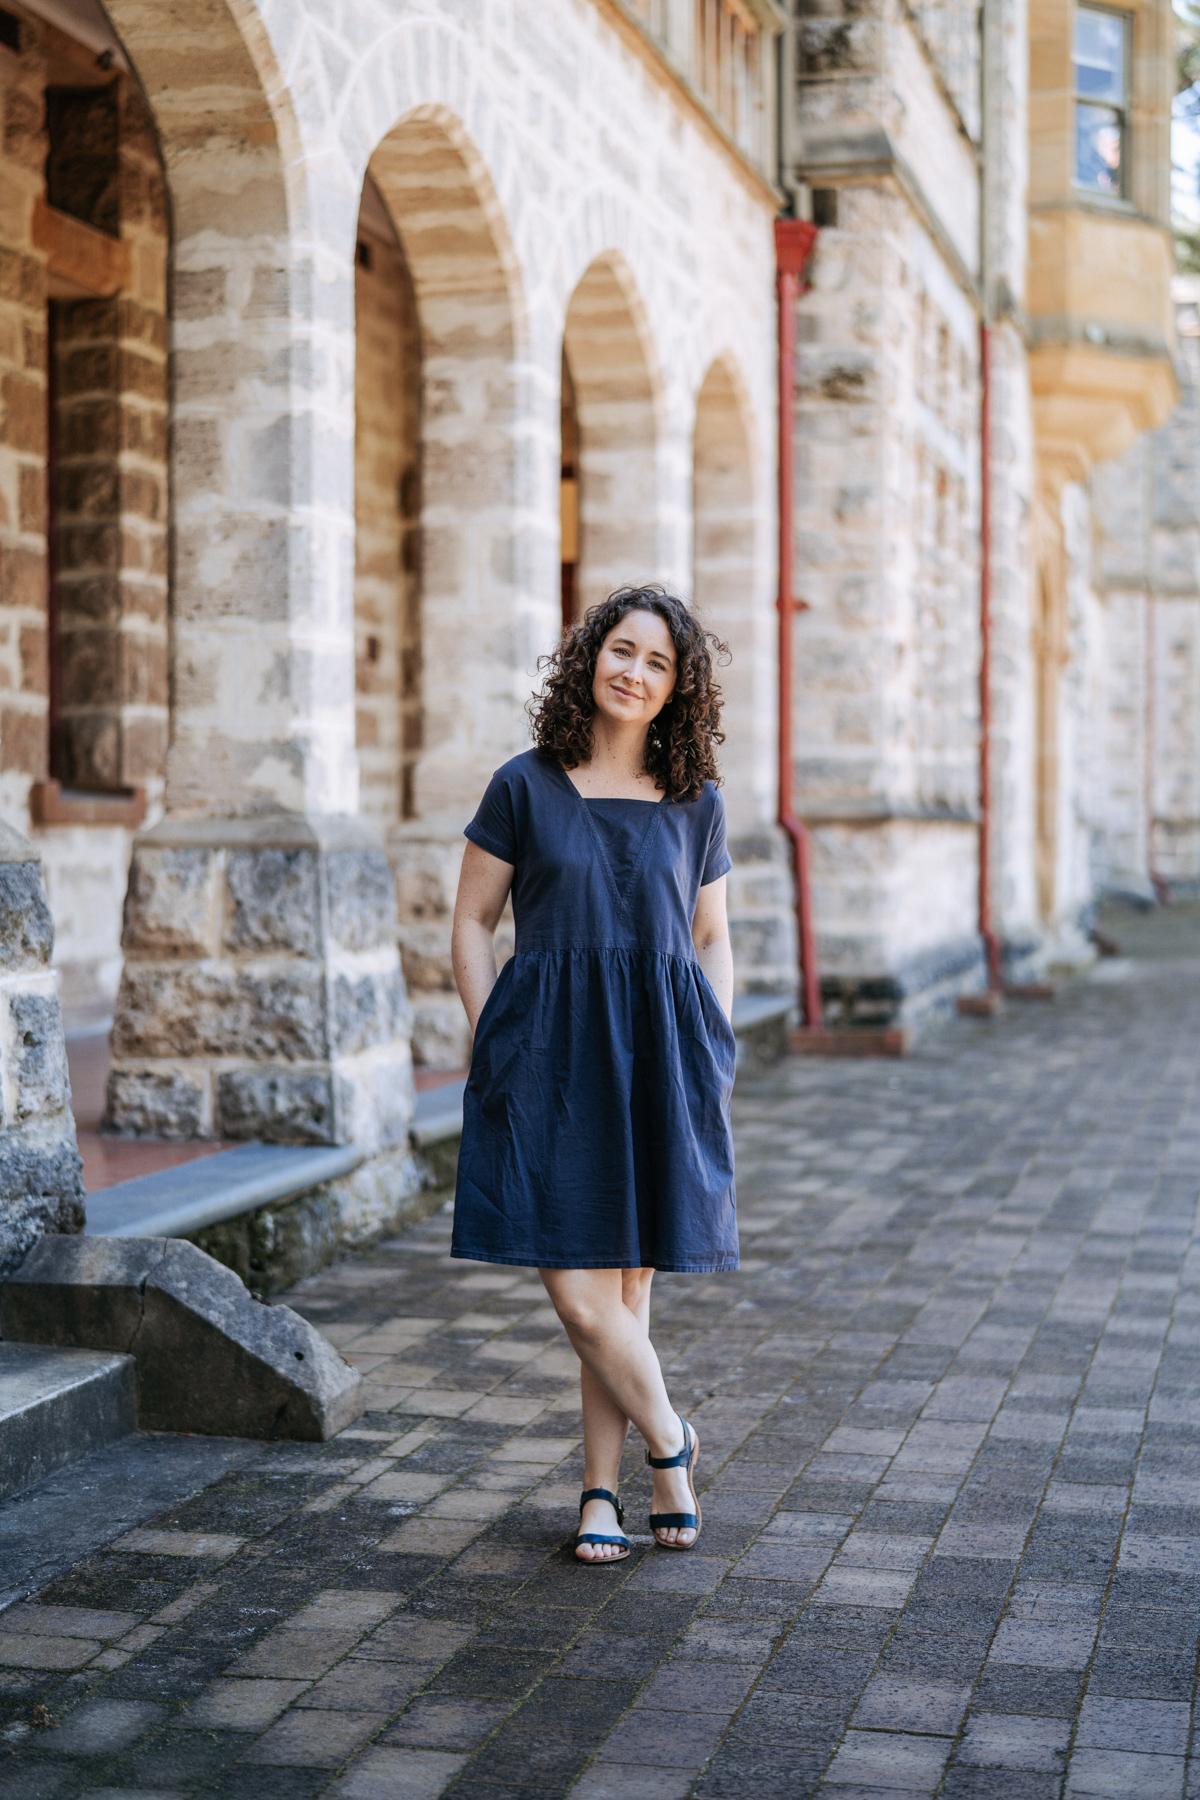 Megan Nielsen Olive dress development changes